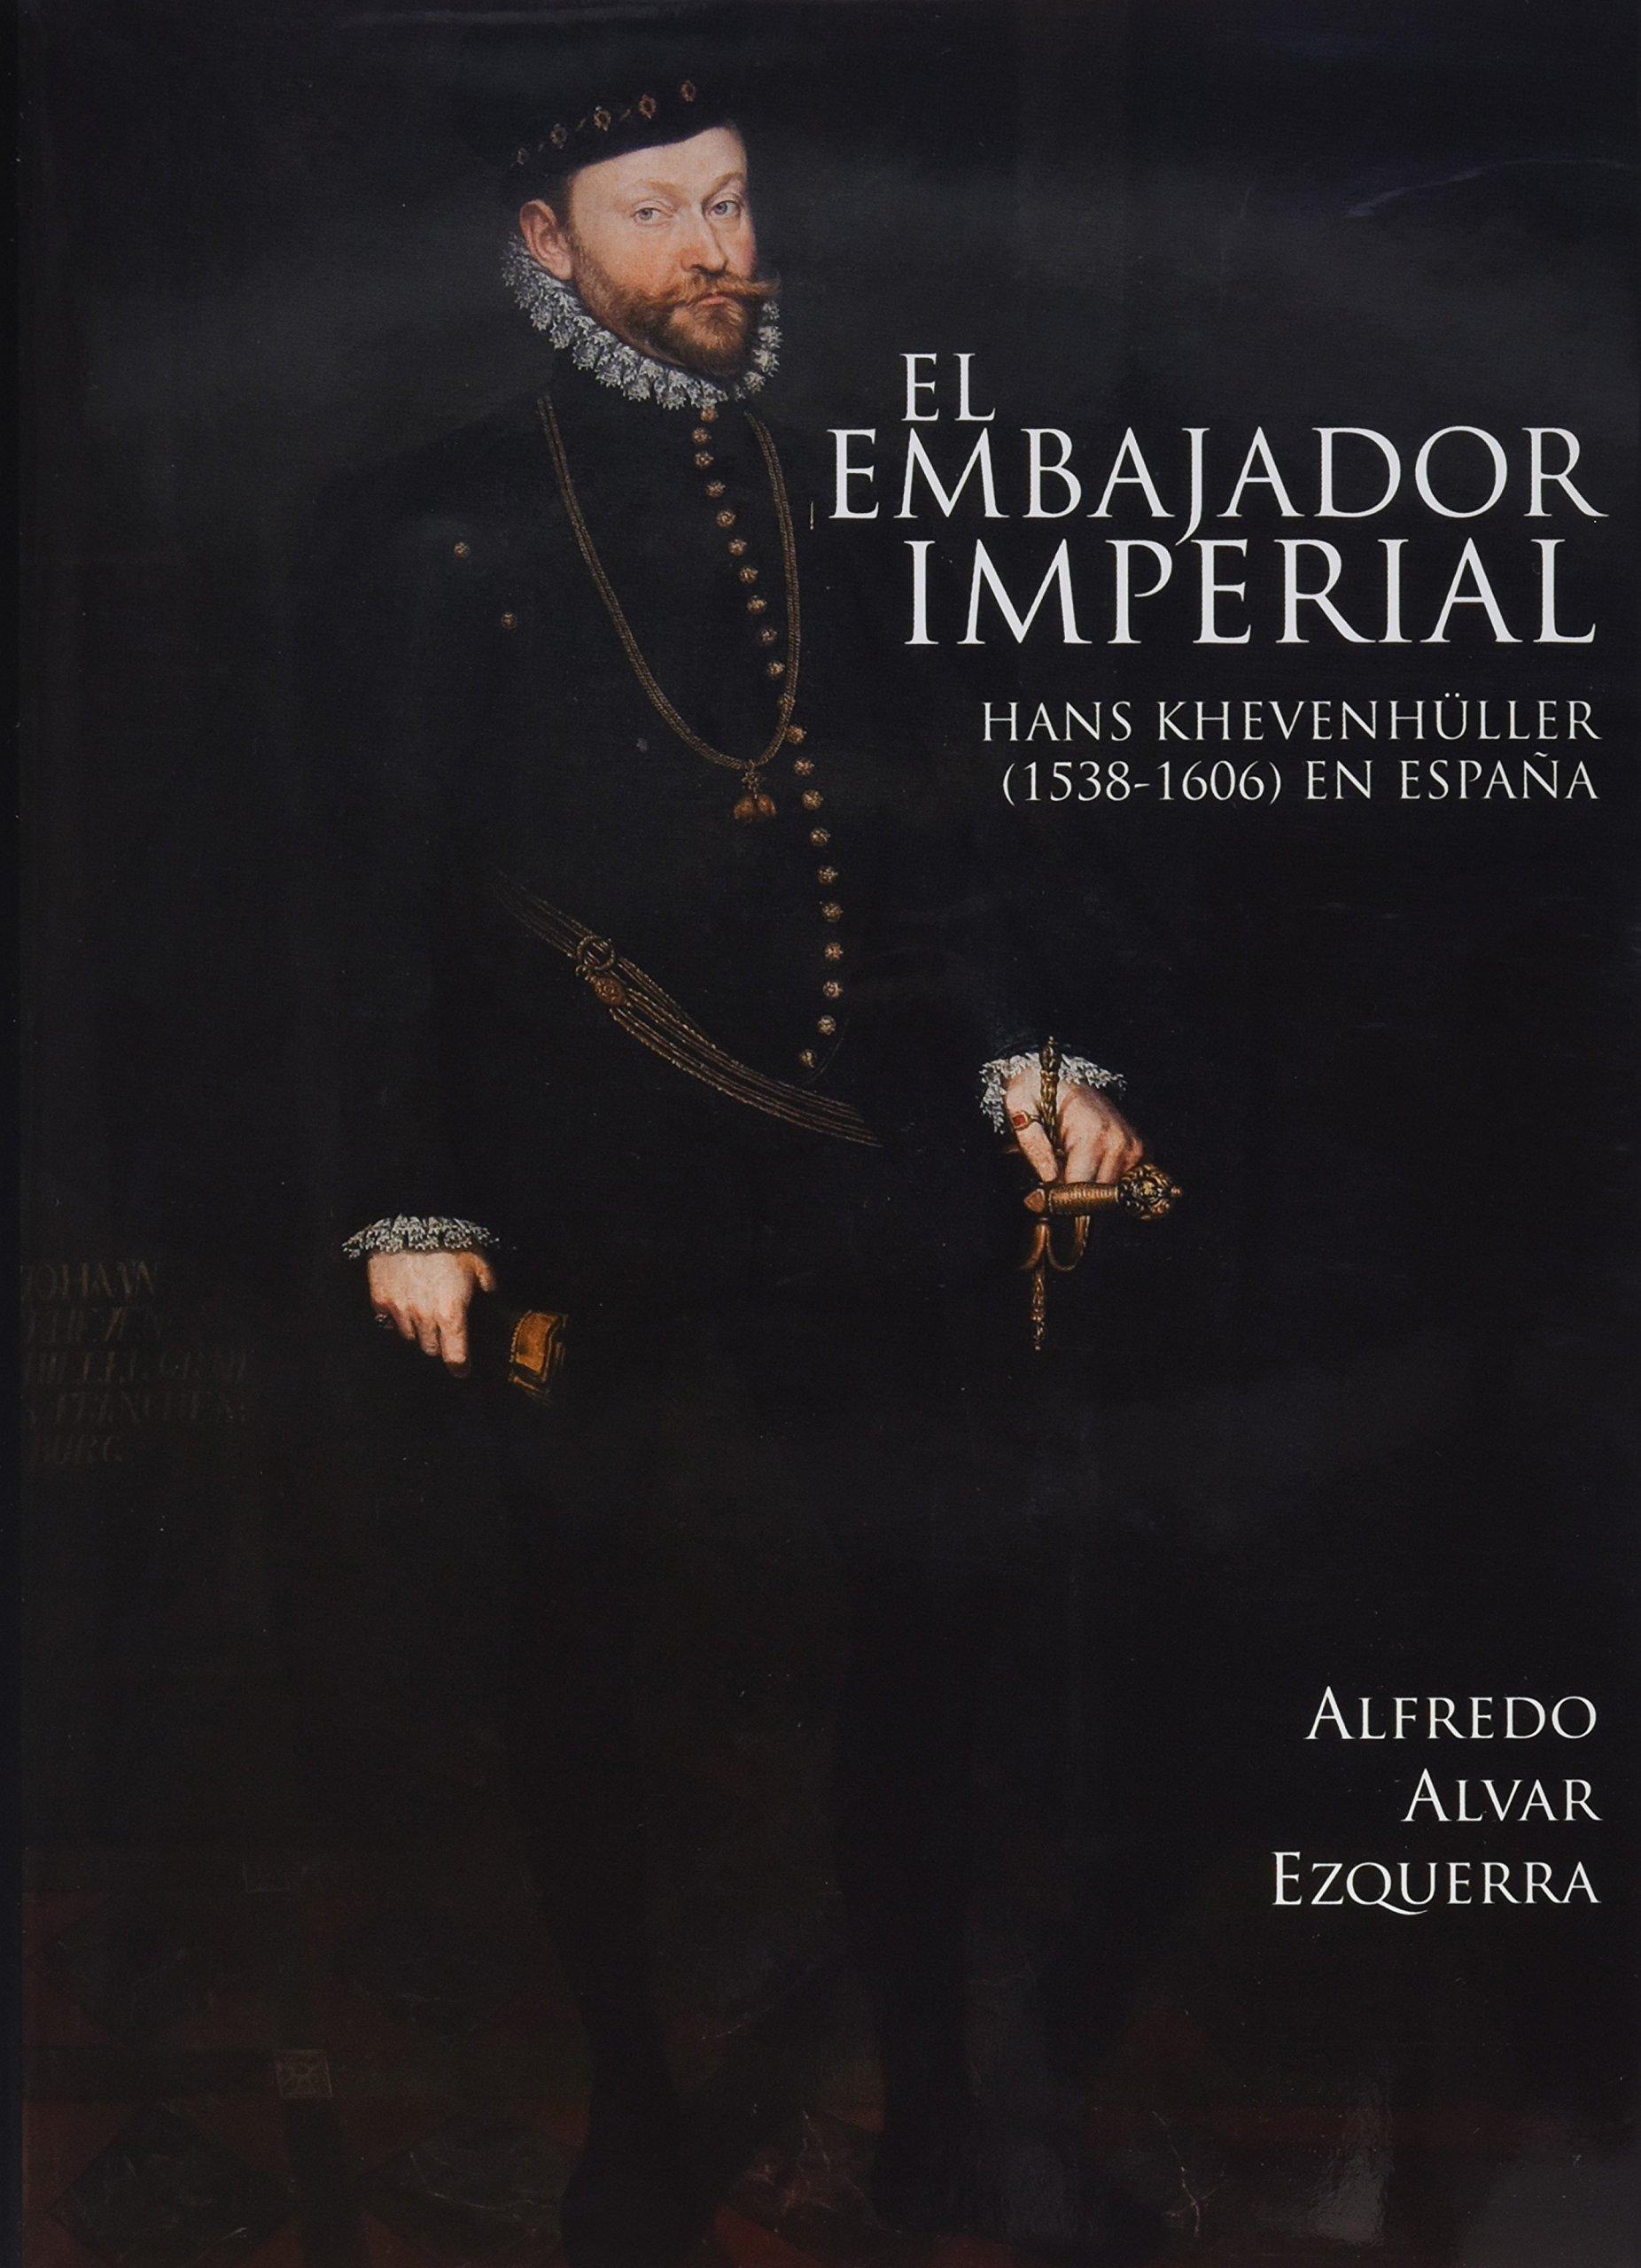 El embajador imperial Hans Khevenhüller 1538-1606 en España Derecho Histórico: Amazon.es: 0000 0001 2140 1039, 0000 0001 2140 1039: Libros